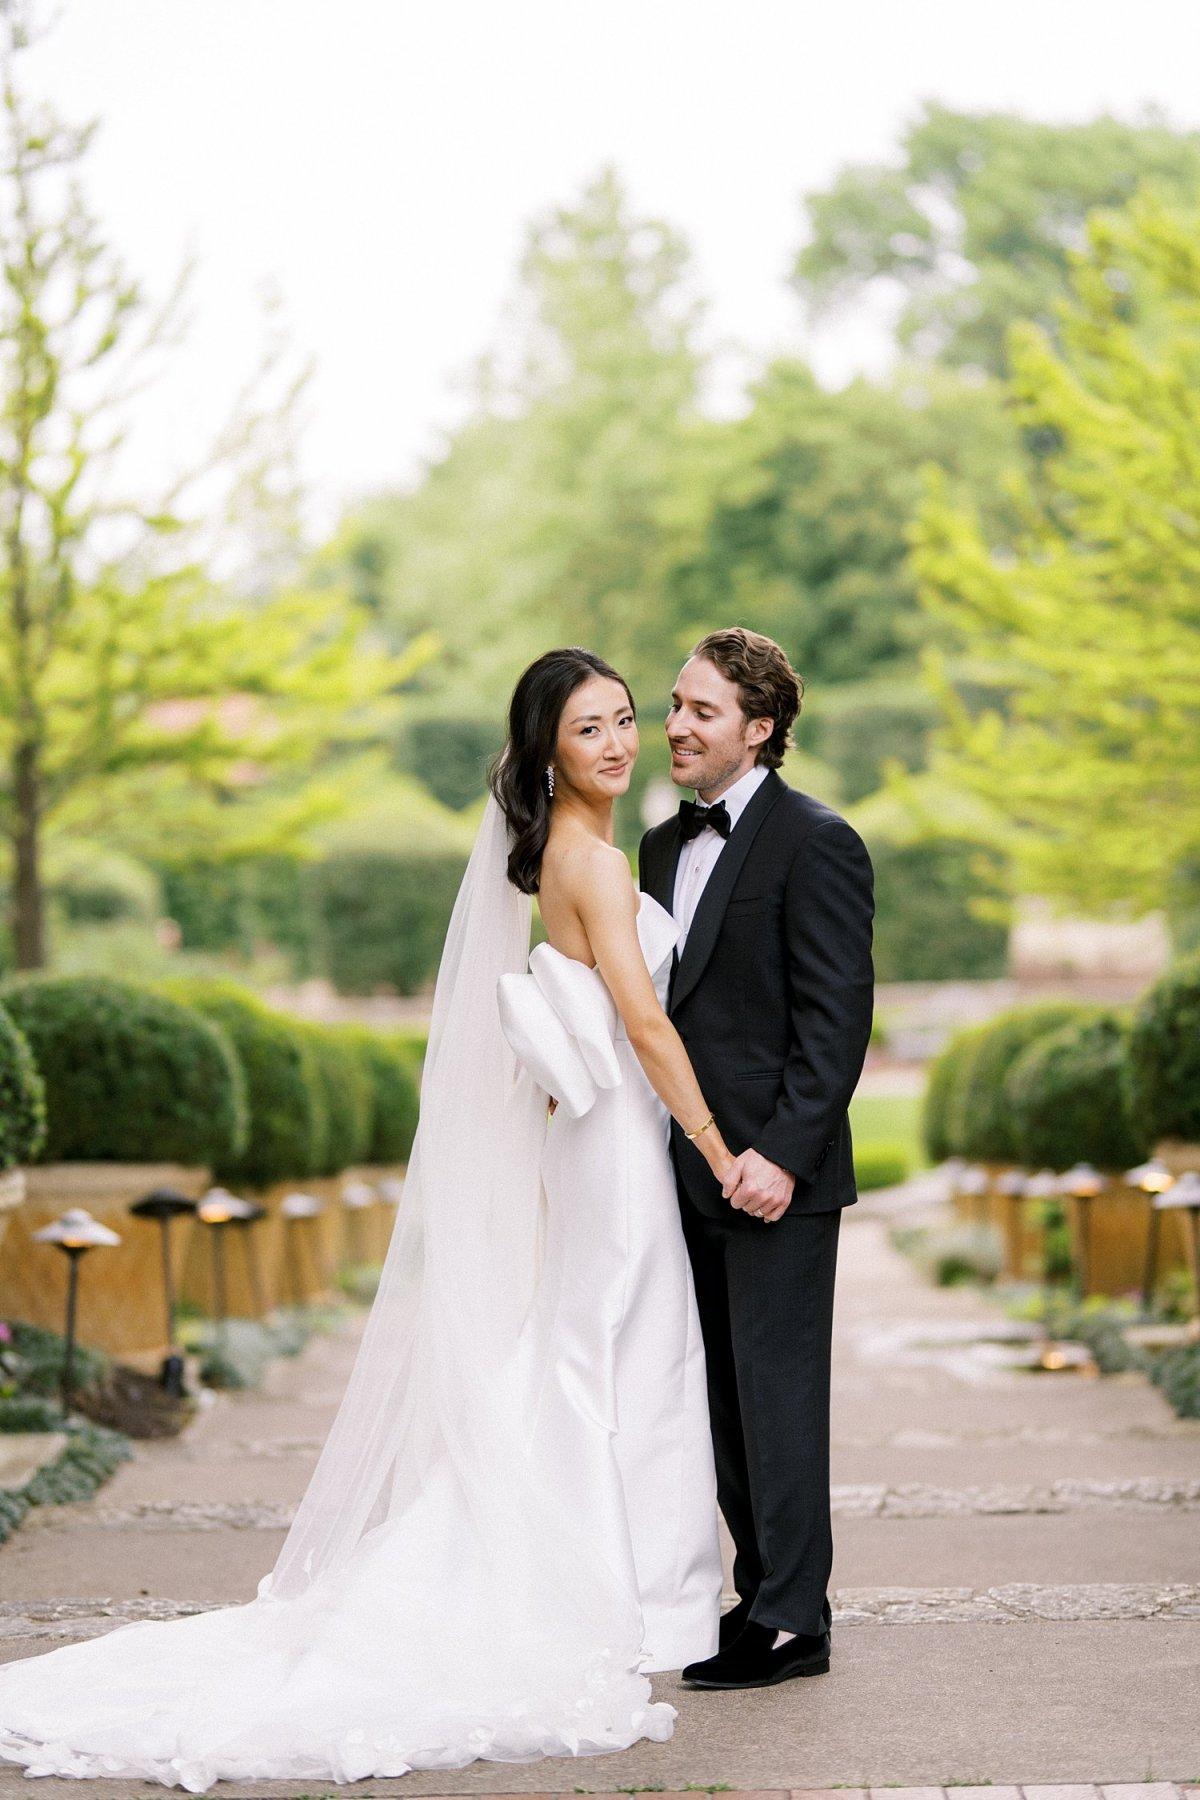 Dallas arboretum wedding sunken gardens